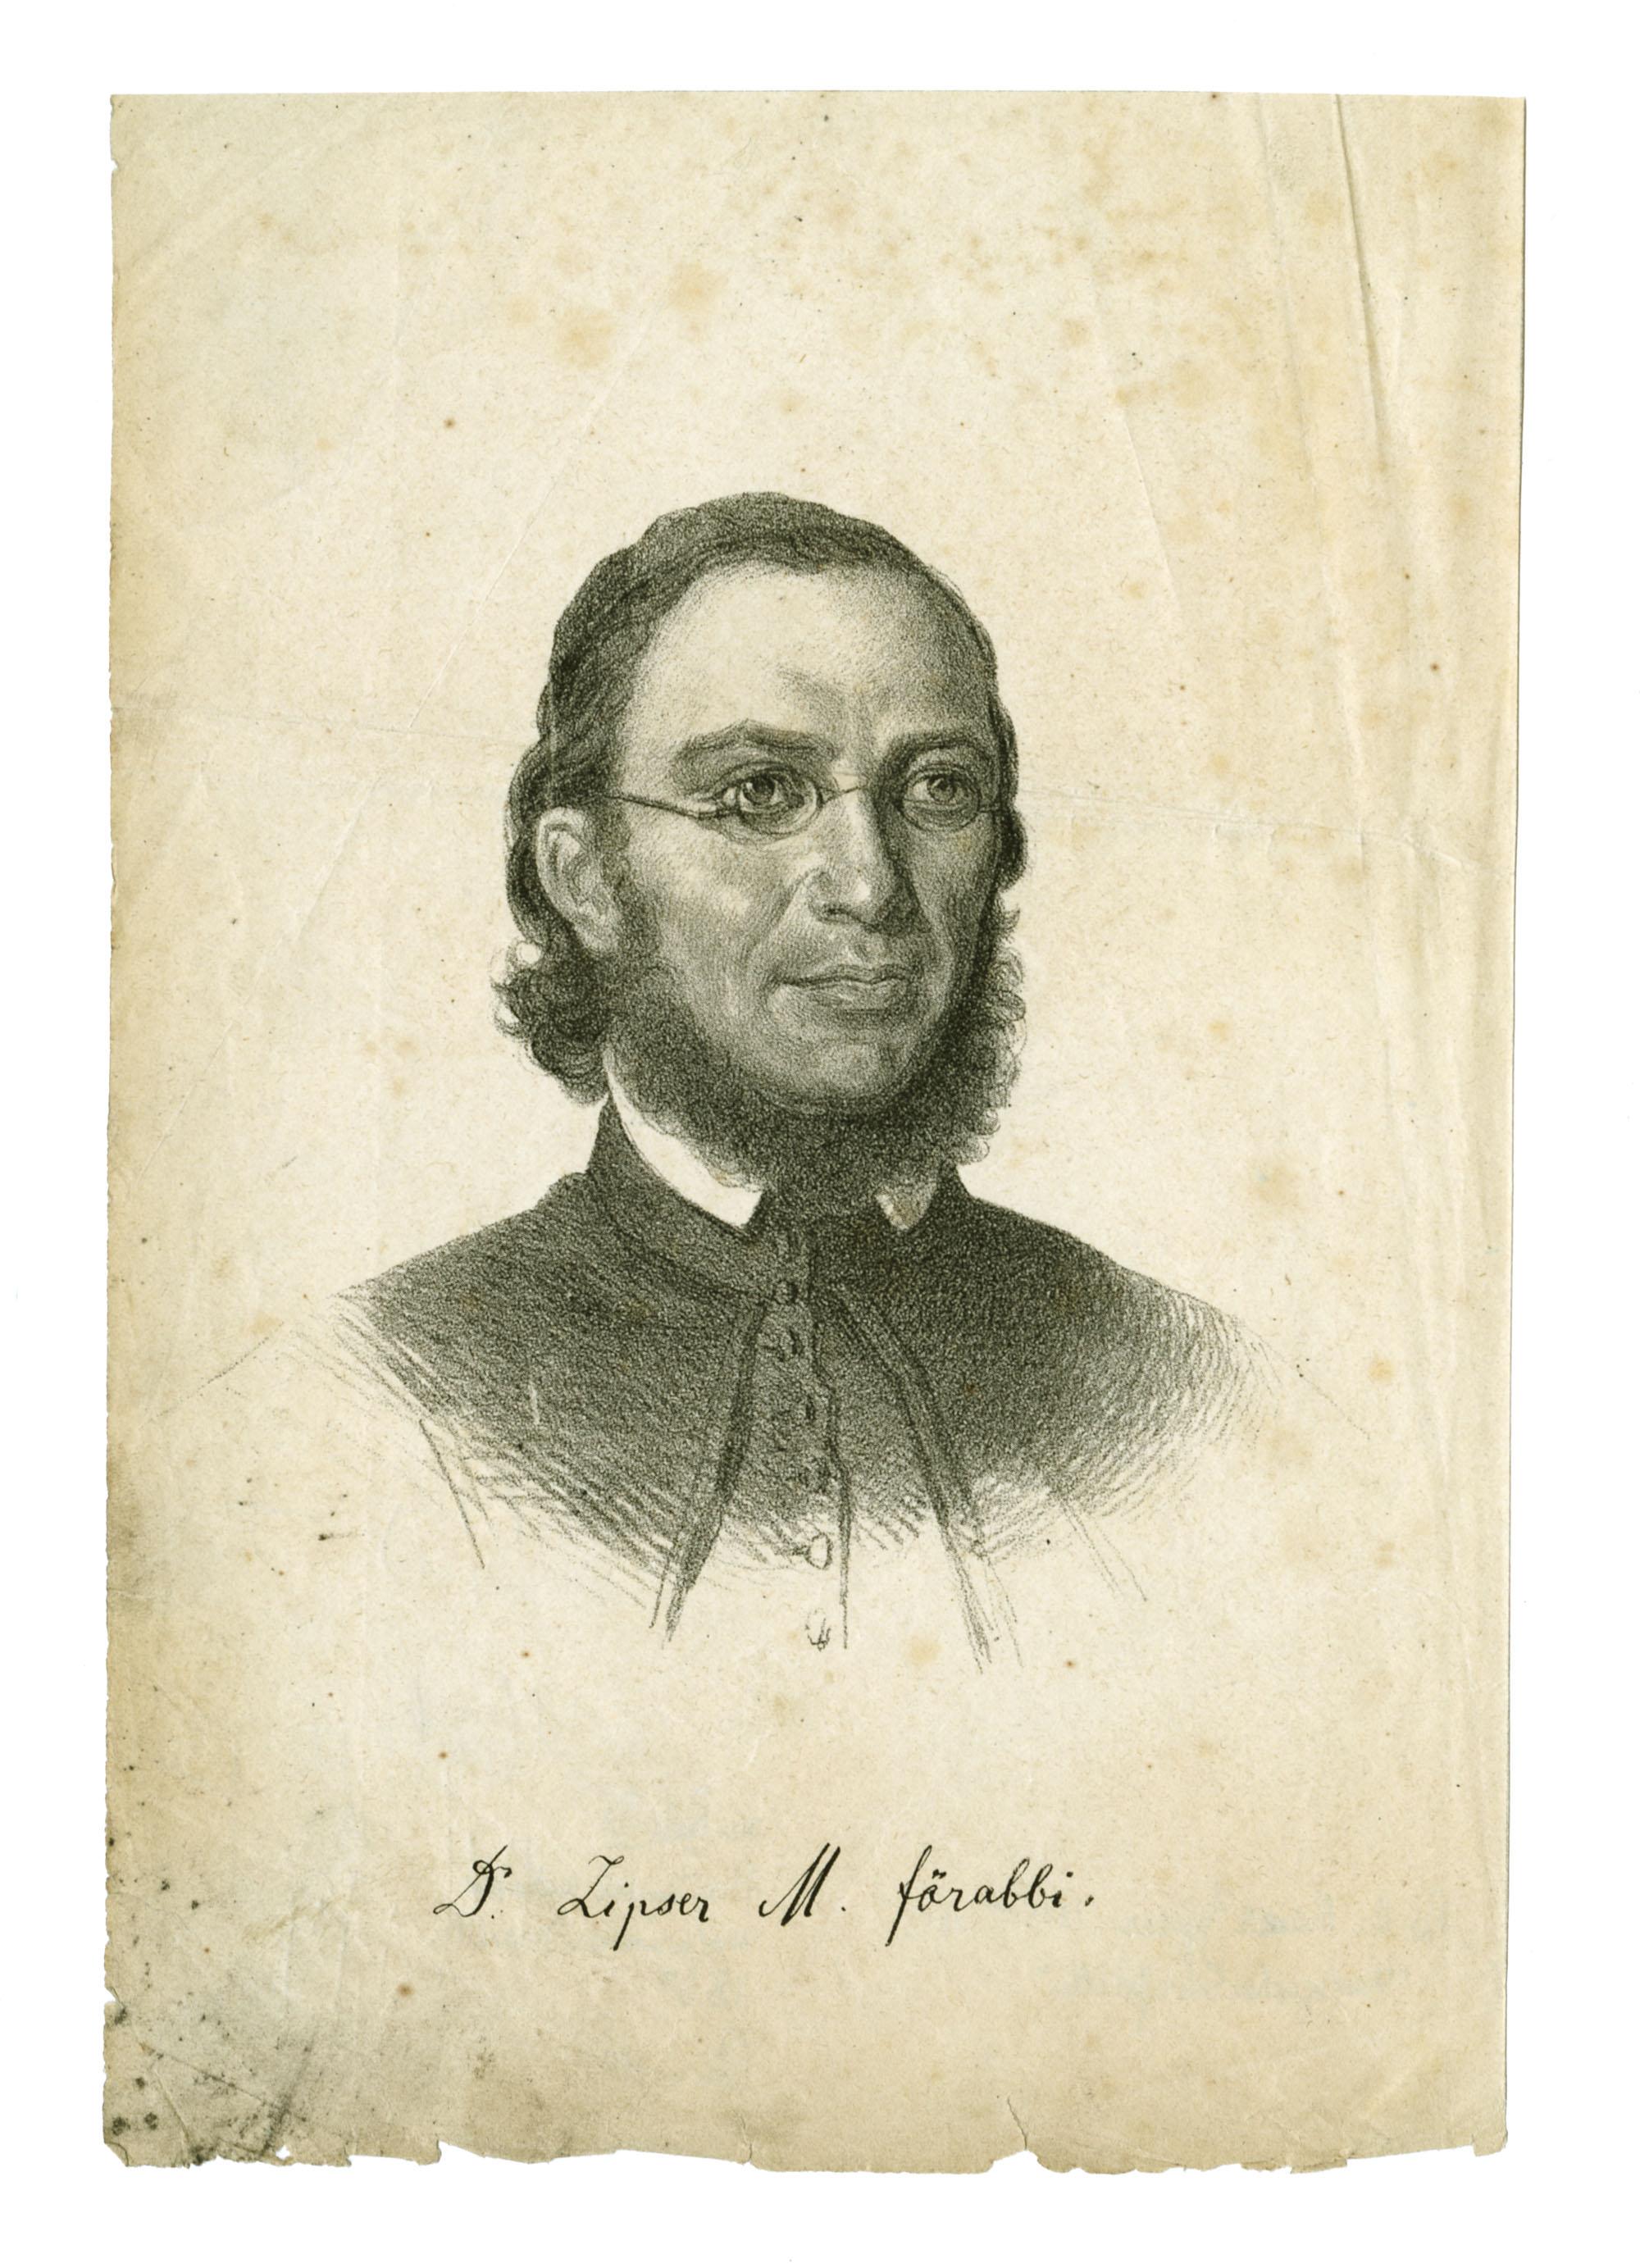 D. Zipser M. főrabbi.